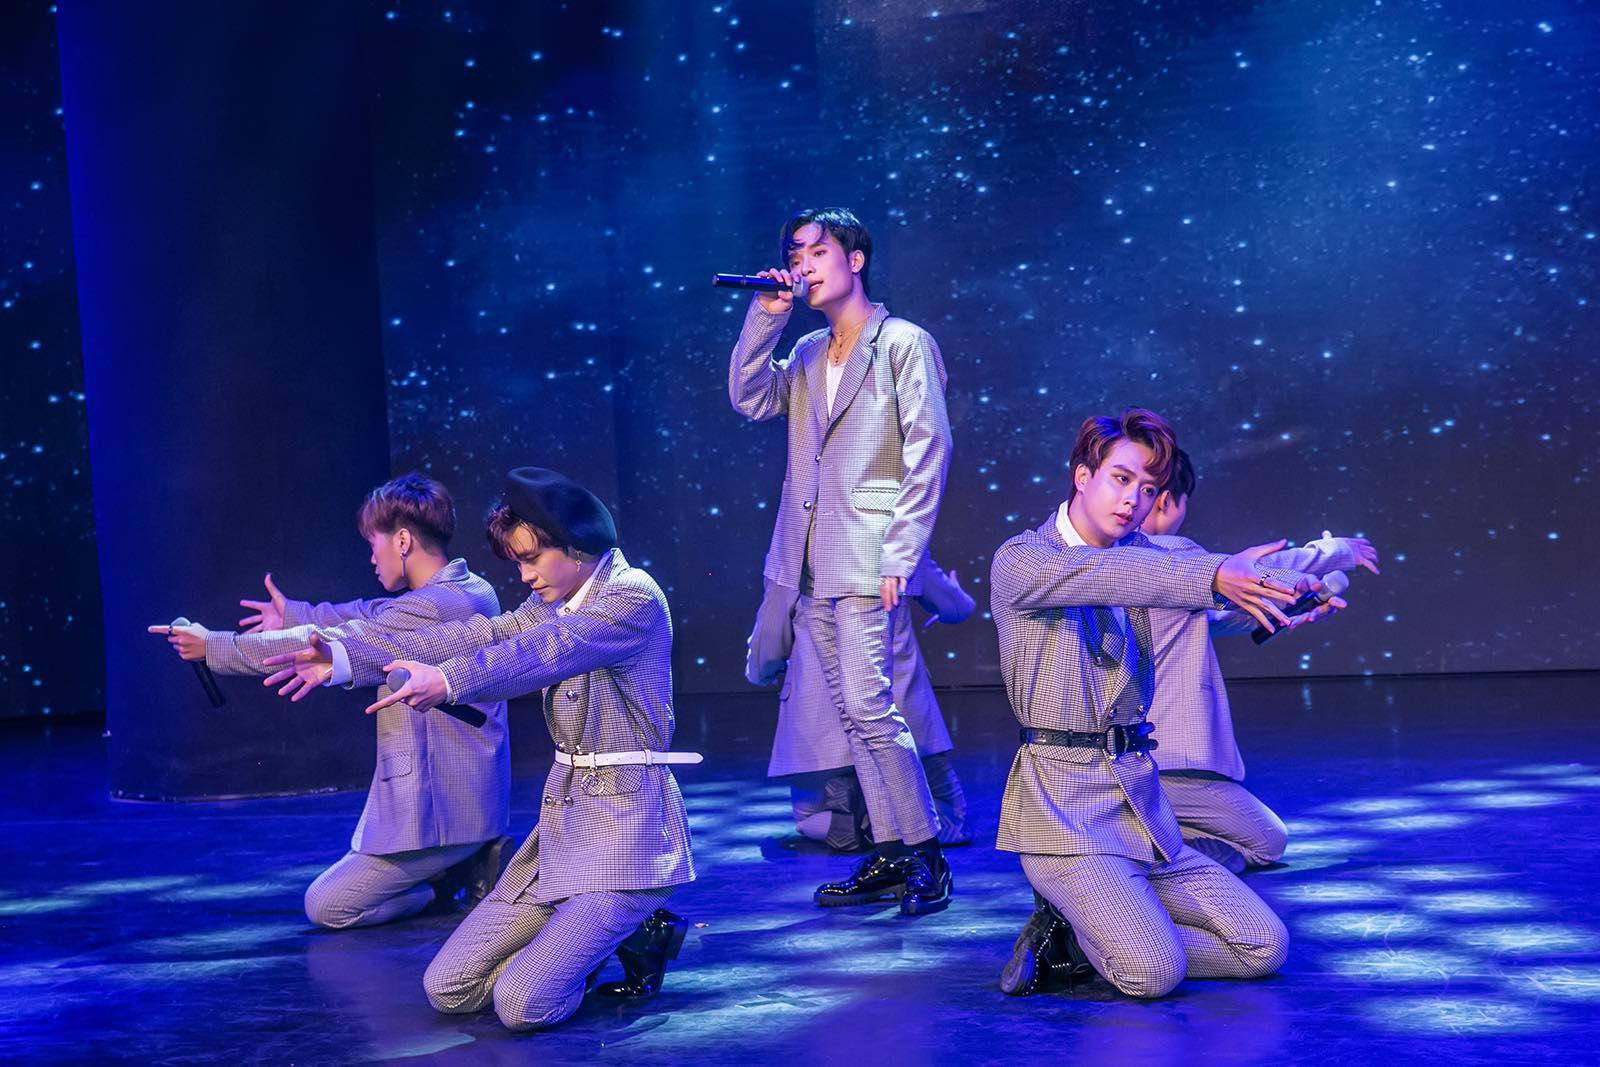 Vpop chào đón nhóm nhạc nam mới CZB: Quá ấn tượng với tài lẻ của 6 thành viên! - Ảnh 6.